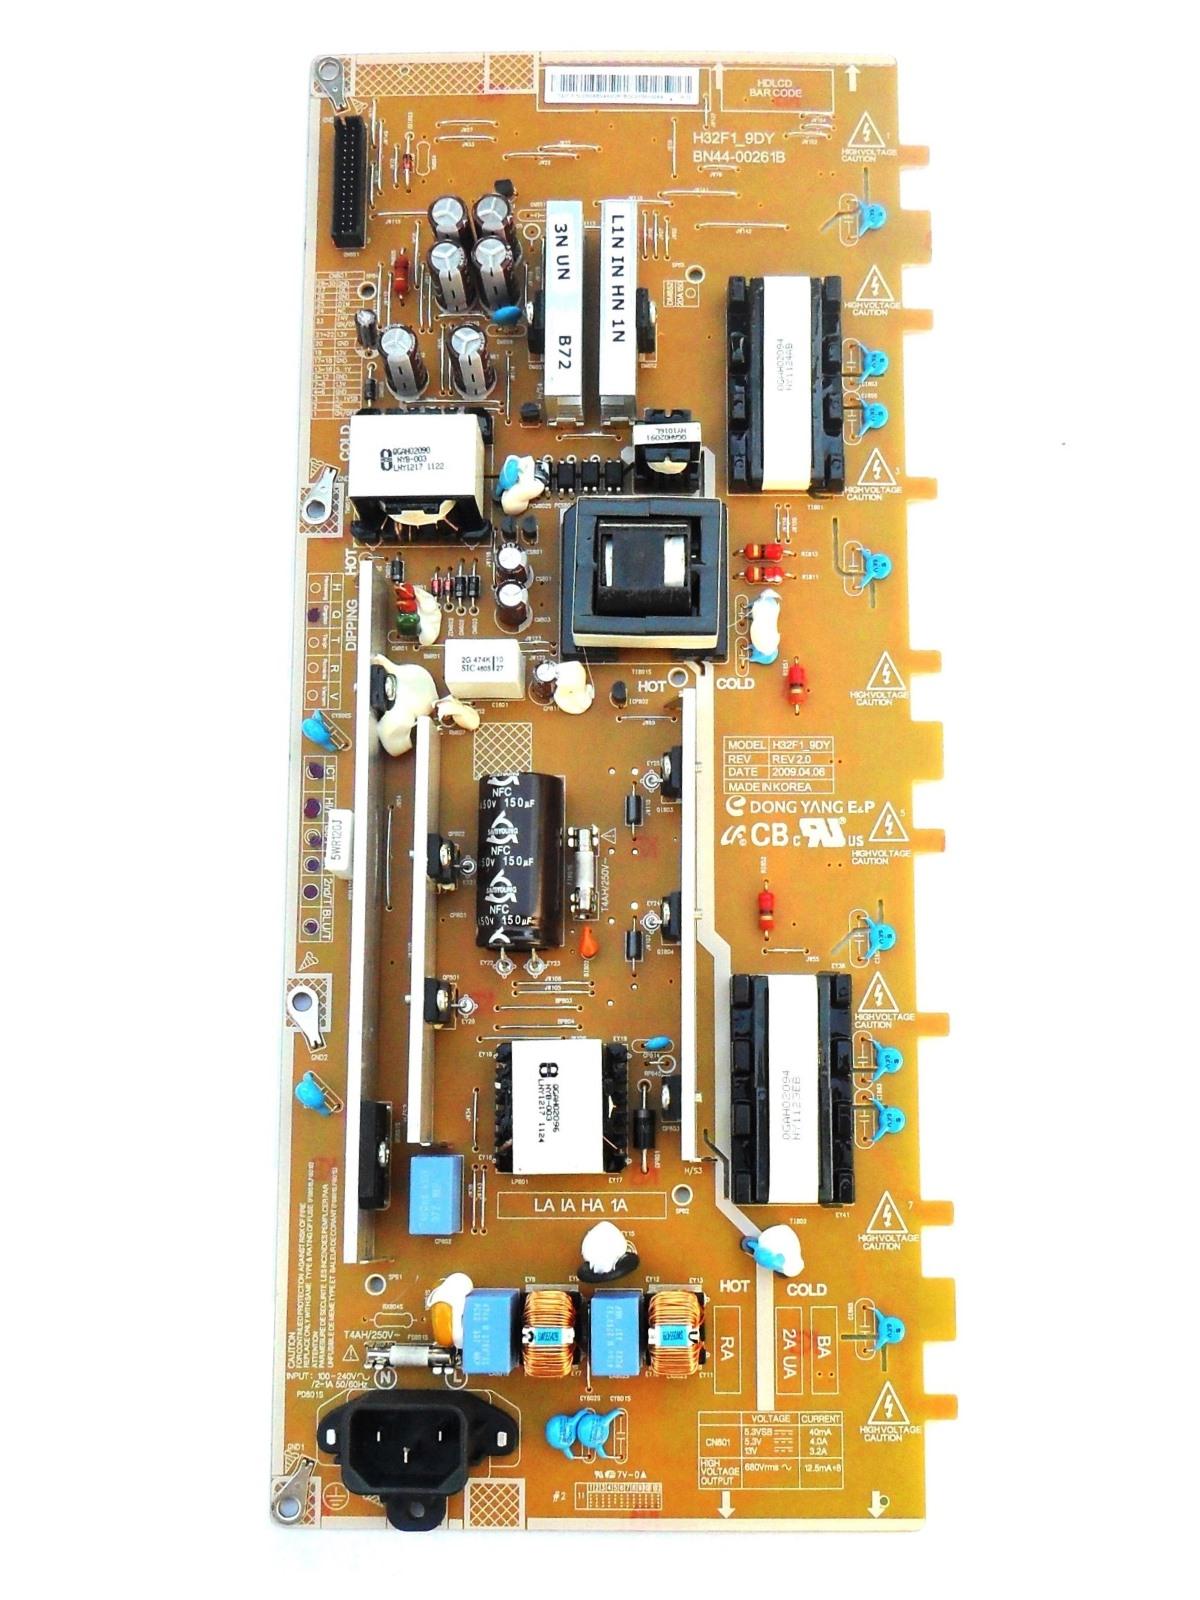 IP BOARD BN44-00261B